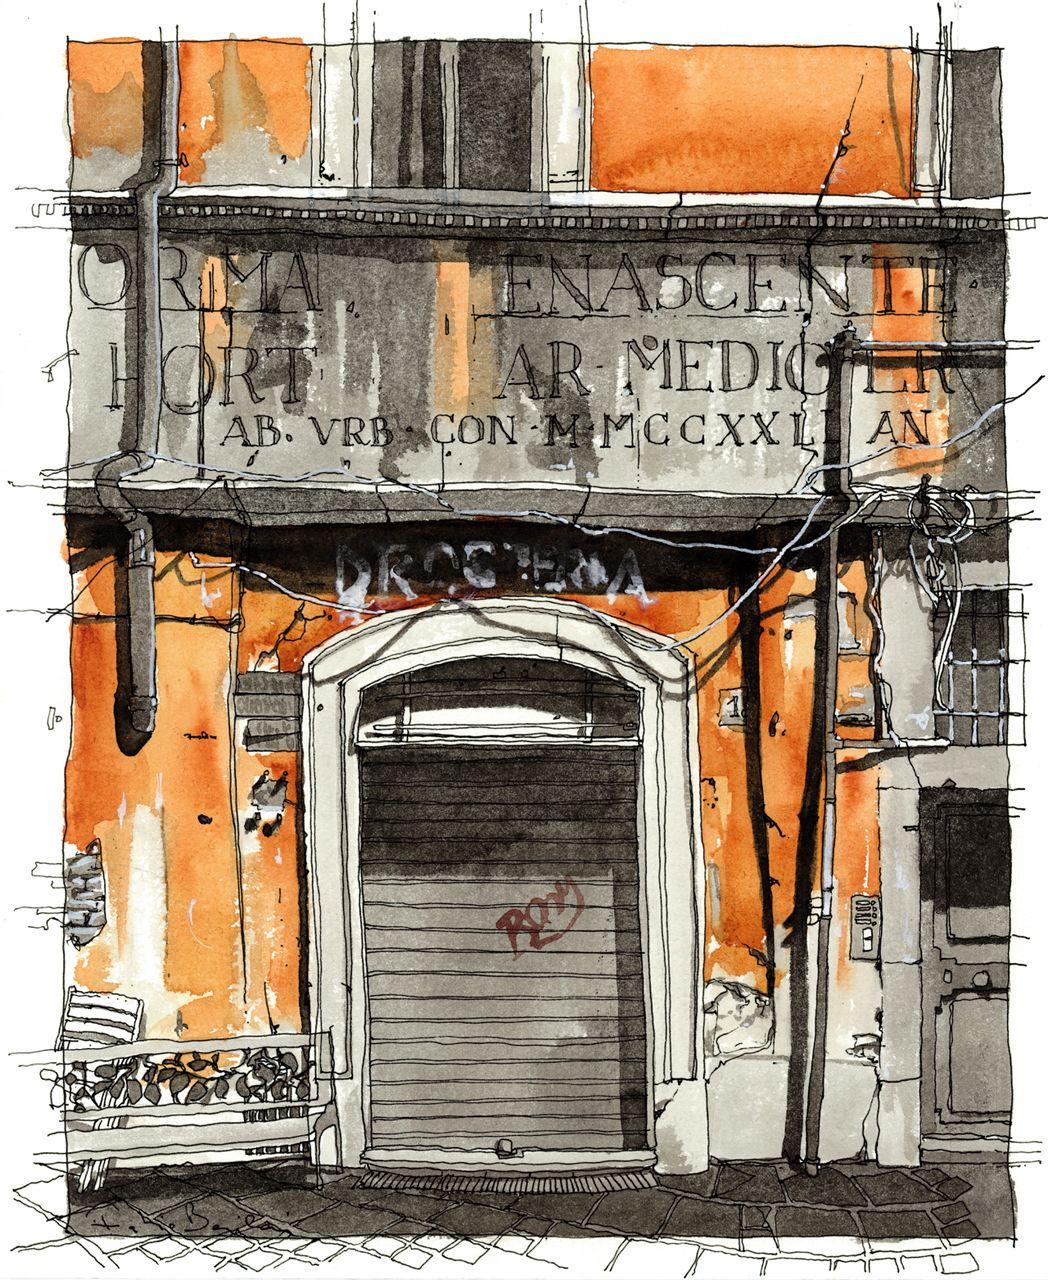 Galería - Arte y Arquitectura: Il Senso delle Cose, Ilustraciones por Fabio Barilari - 31